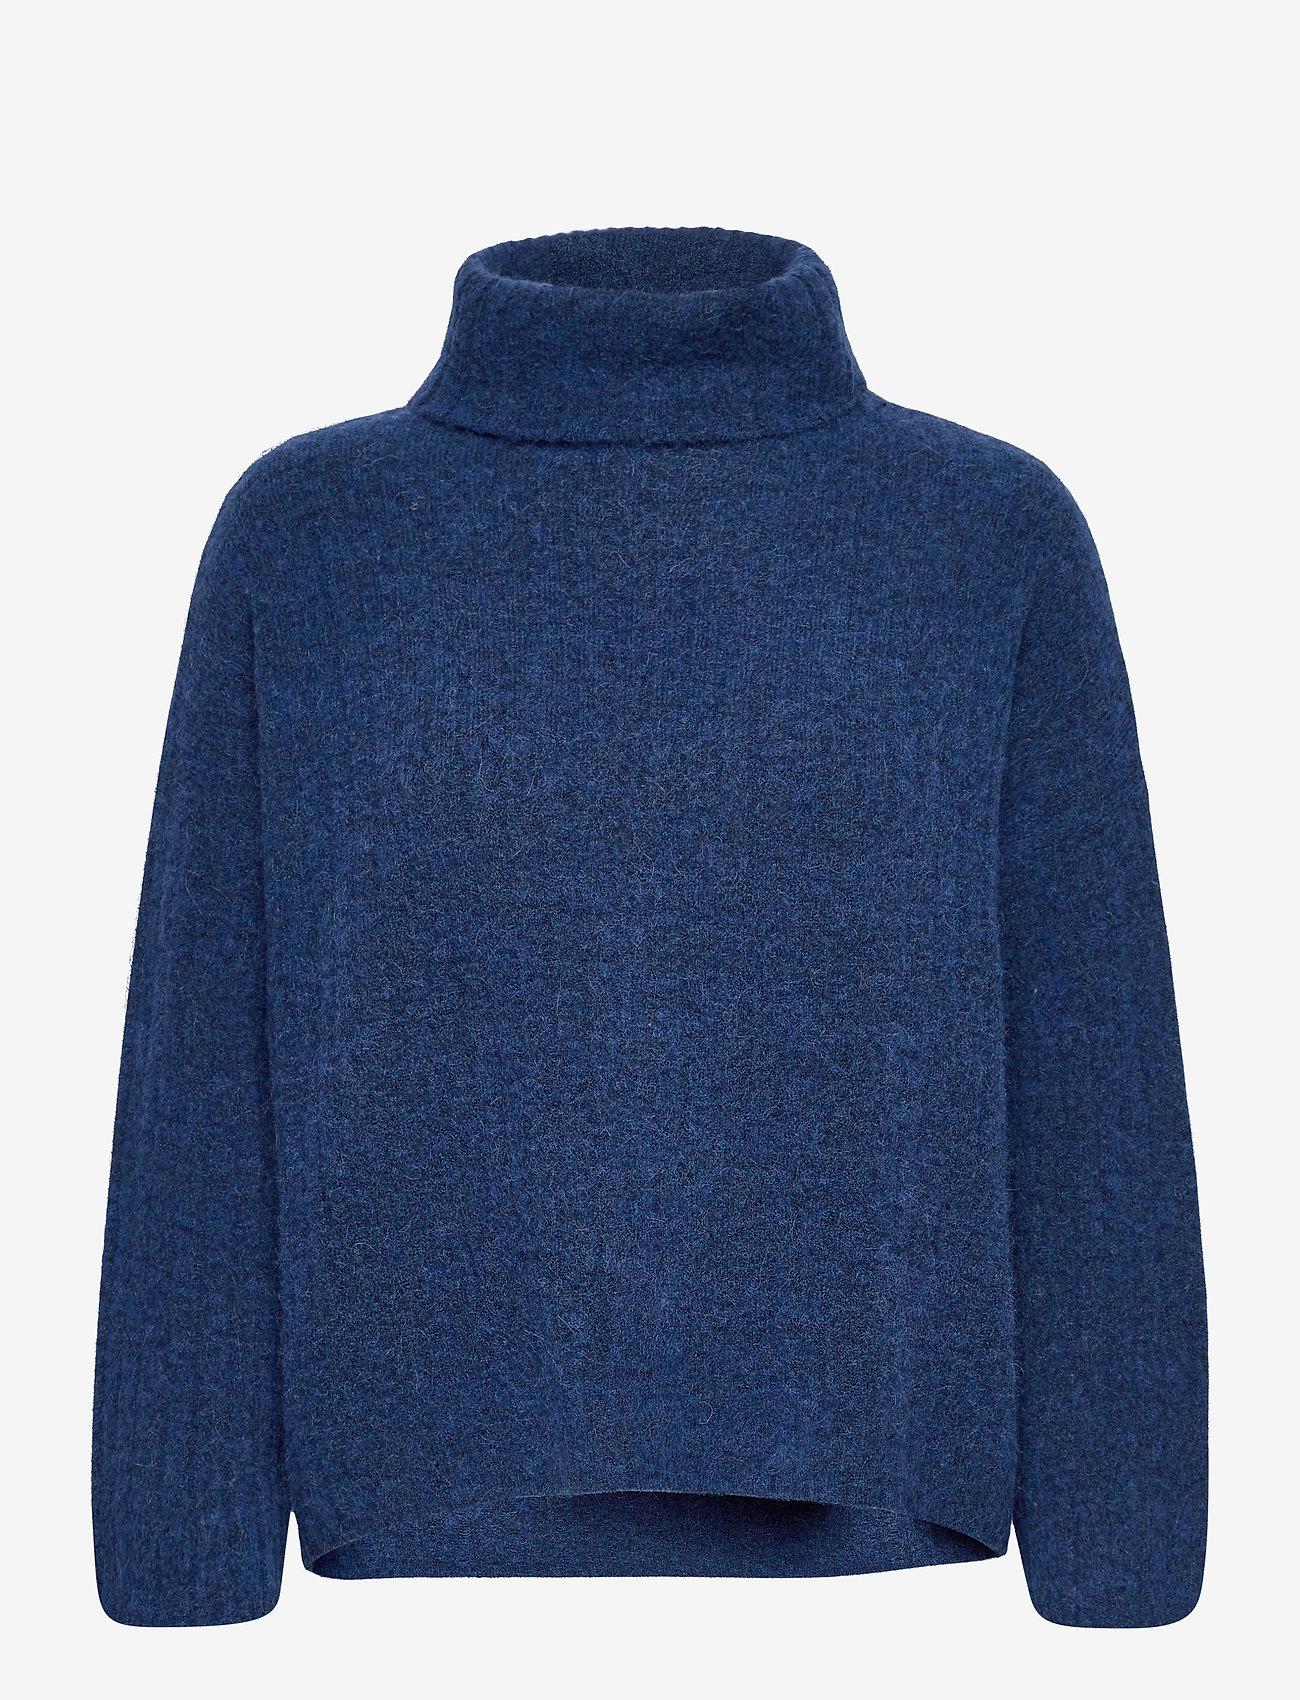 Noa Noa - Pullover - turtlenecks - blue melange - 0